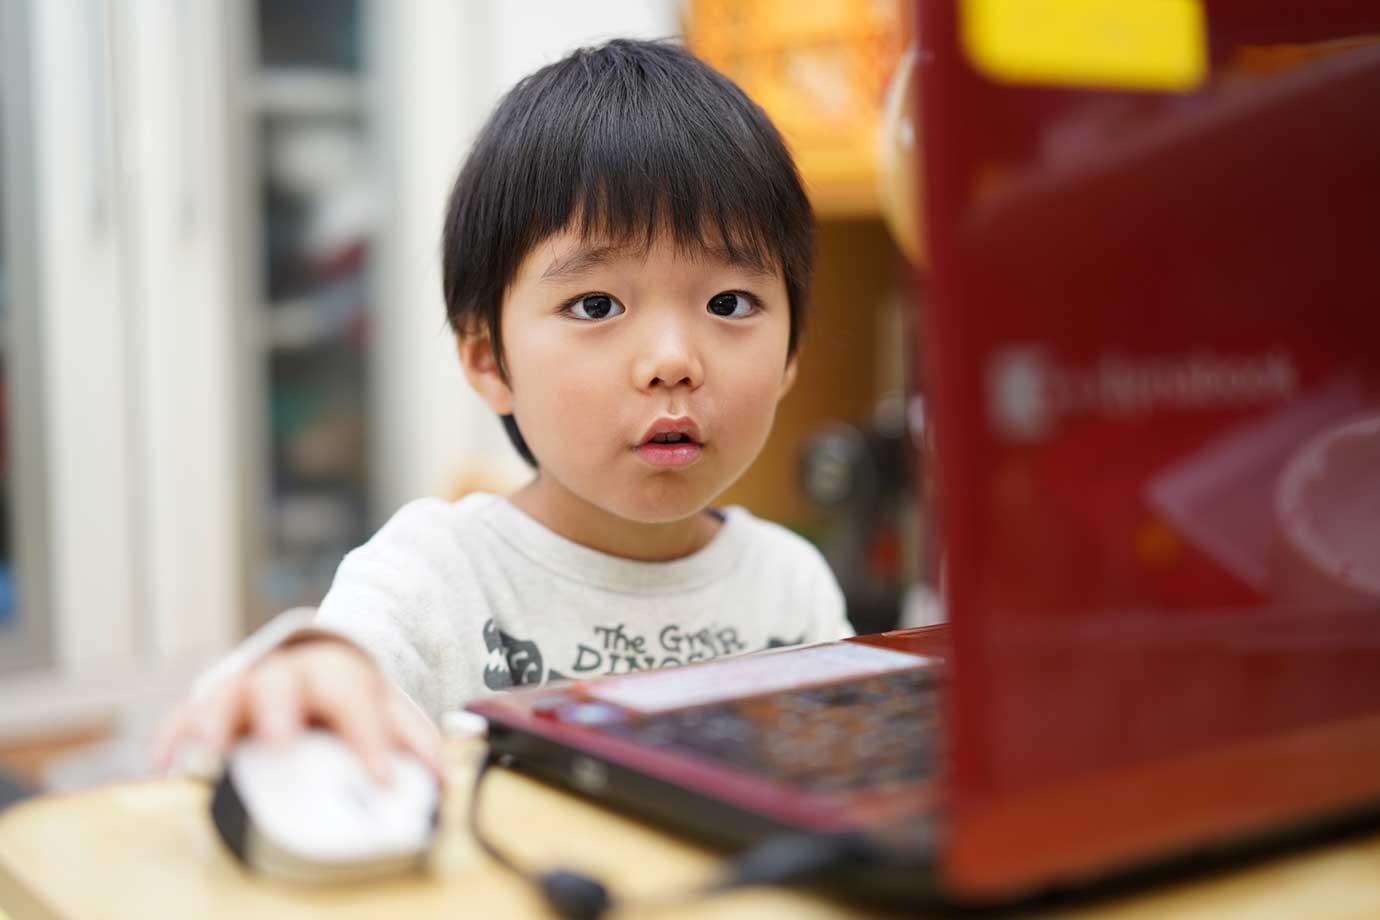 YouTubeや動画配信サイトの子ども向け英語番組を活用して、「Listening(聞く)」に慣れることができます